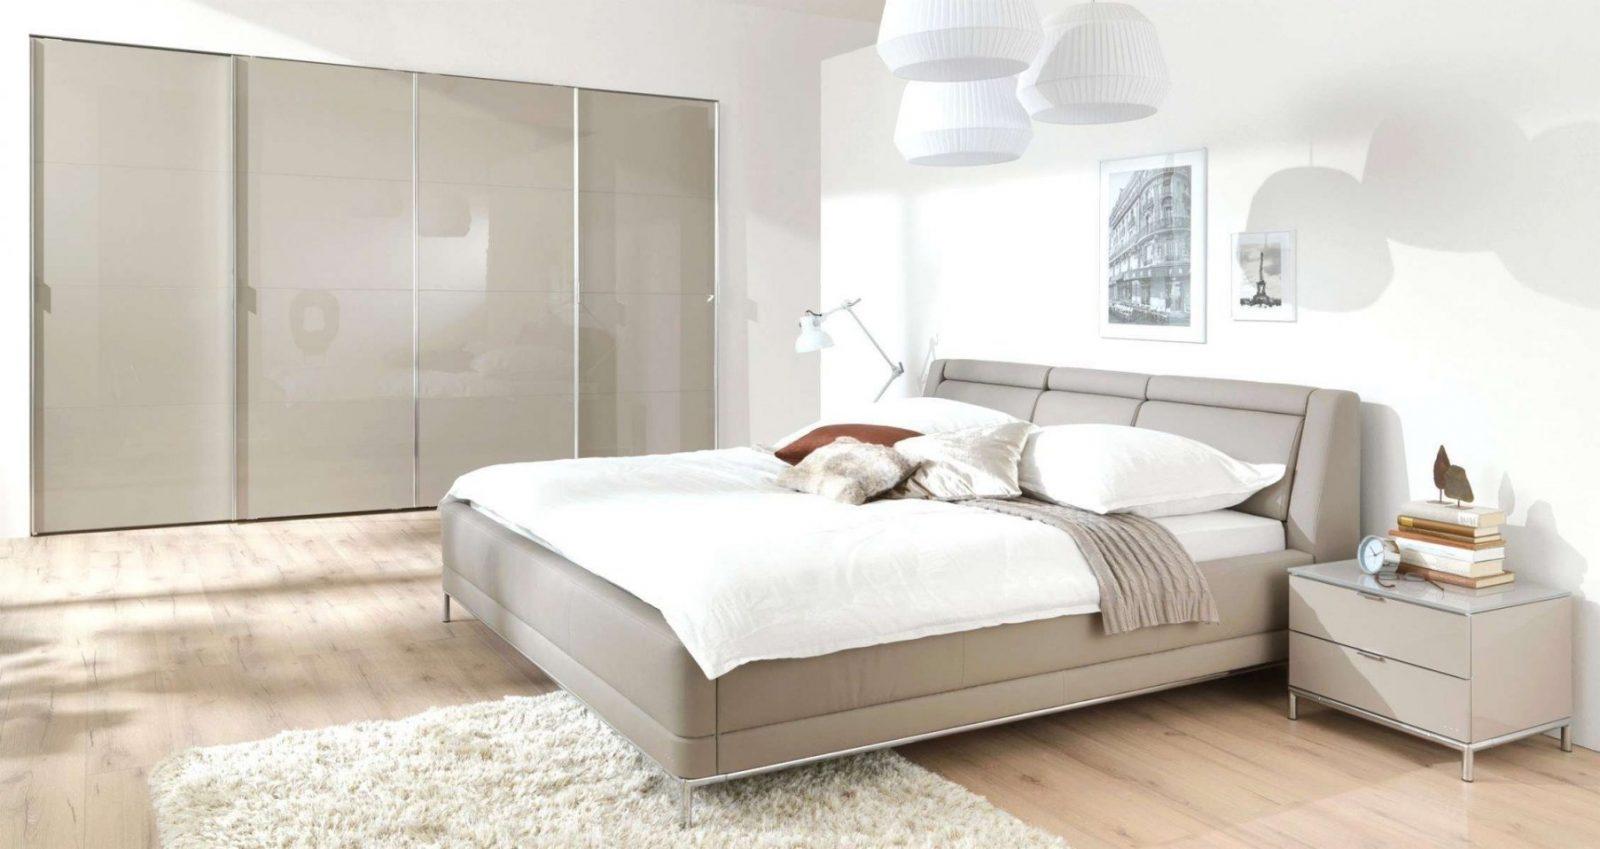 48 Genial Zimmer Deko Ideen Pic  Komplette Dekoration Frühling von Deko Selber Machen Jugendzimmer Photo